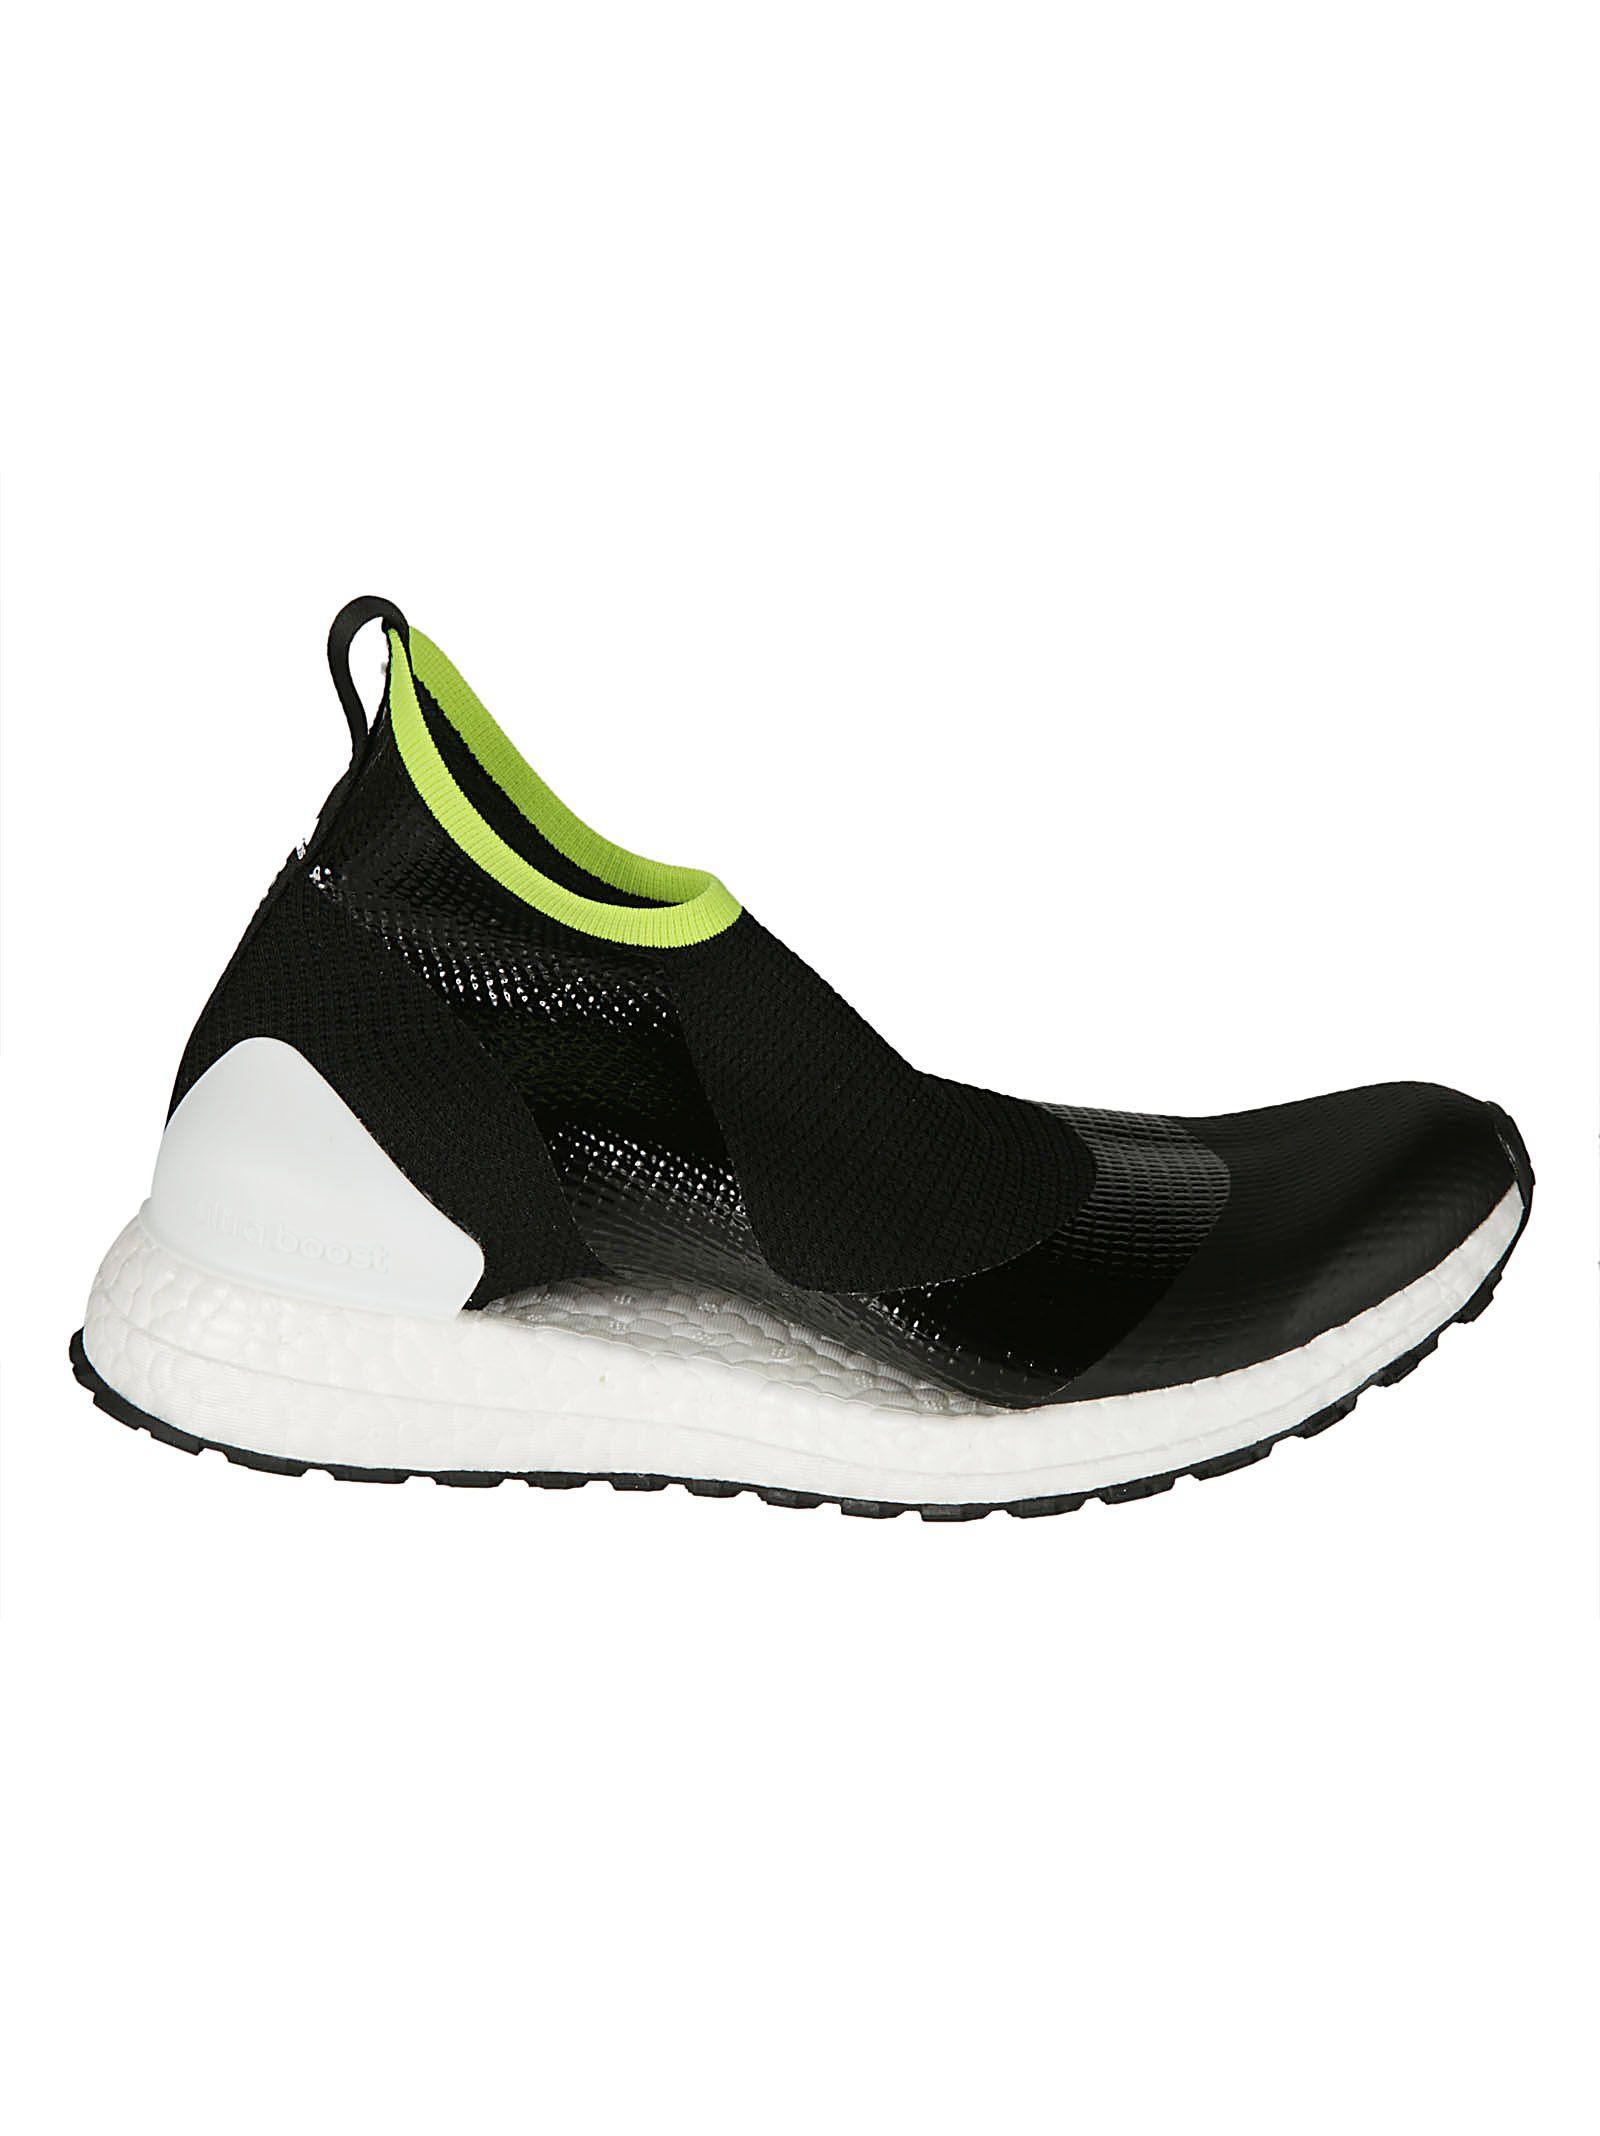 Adidas Ultra Boost Y 3